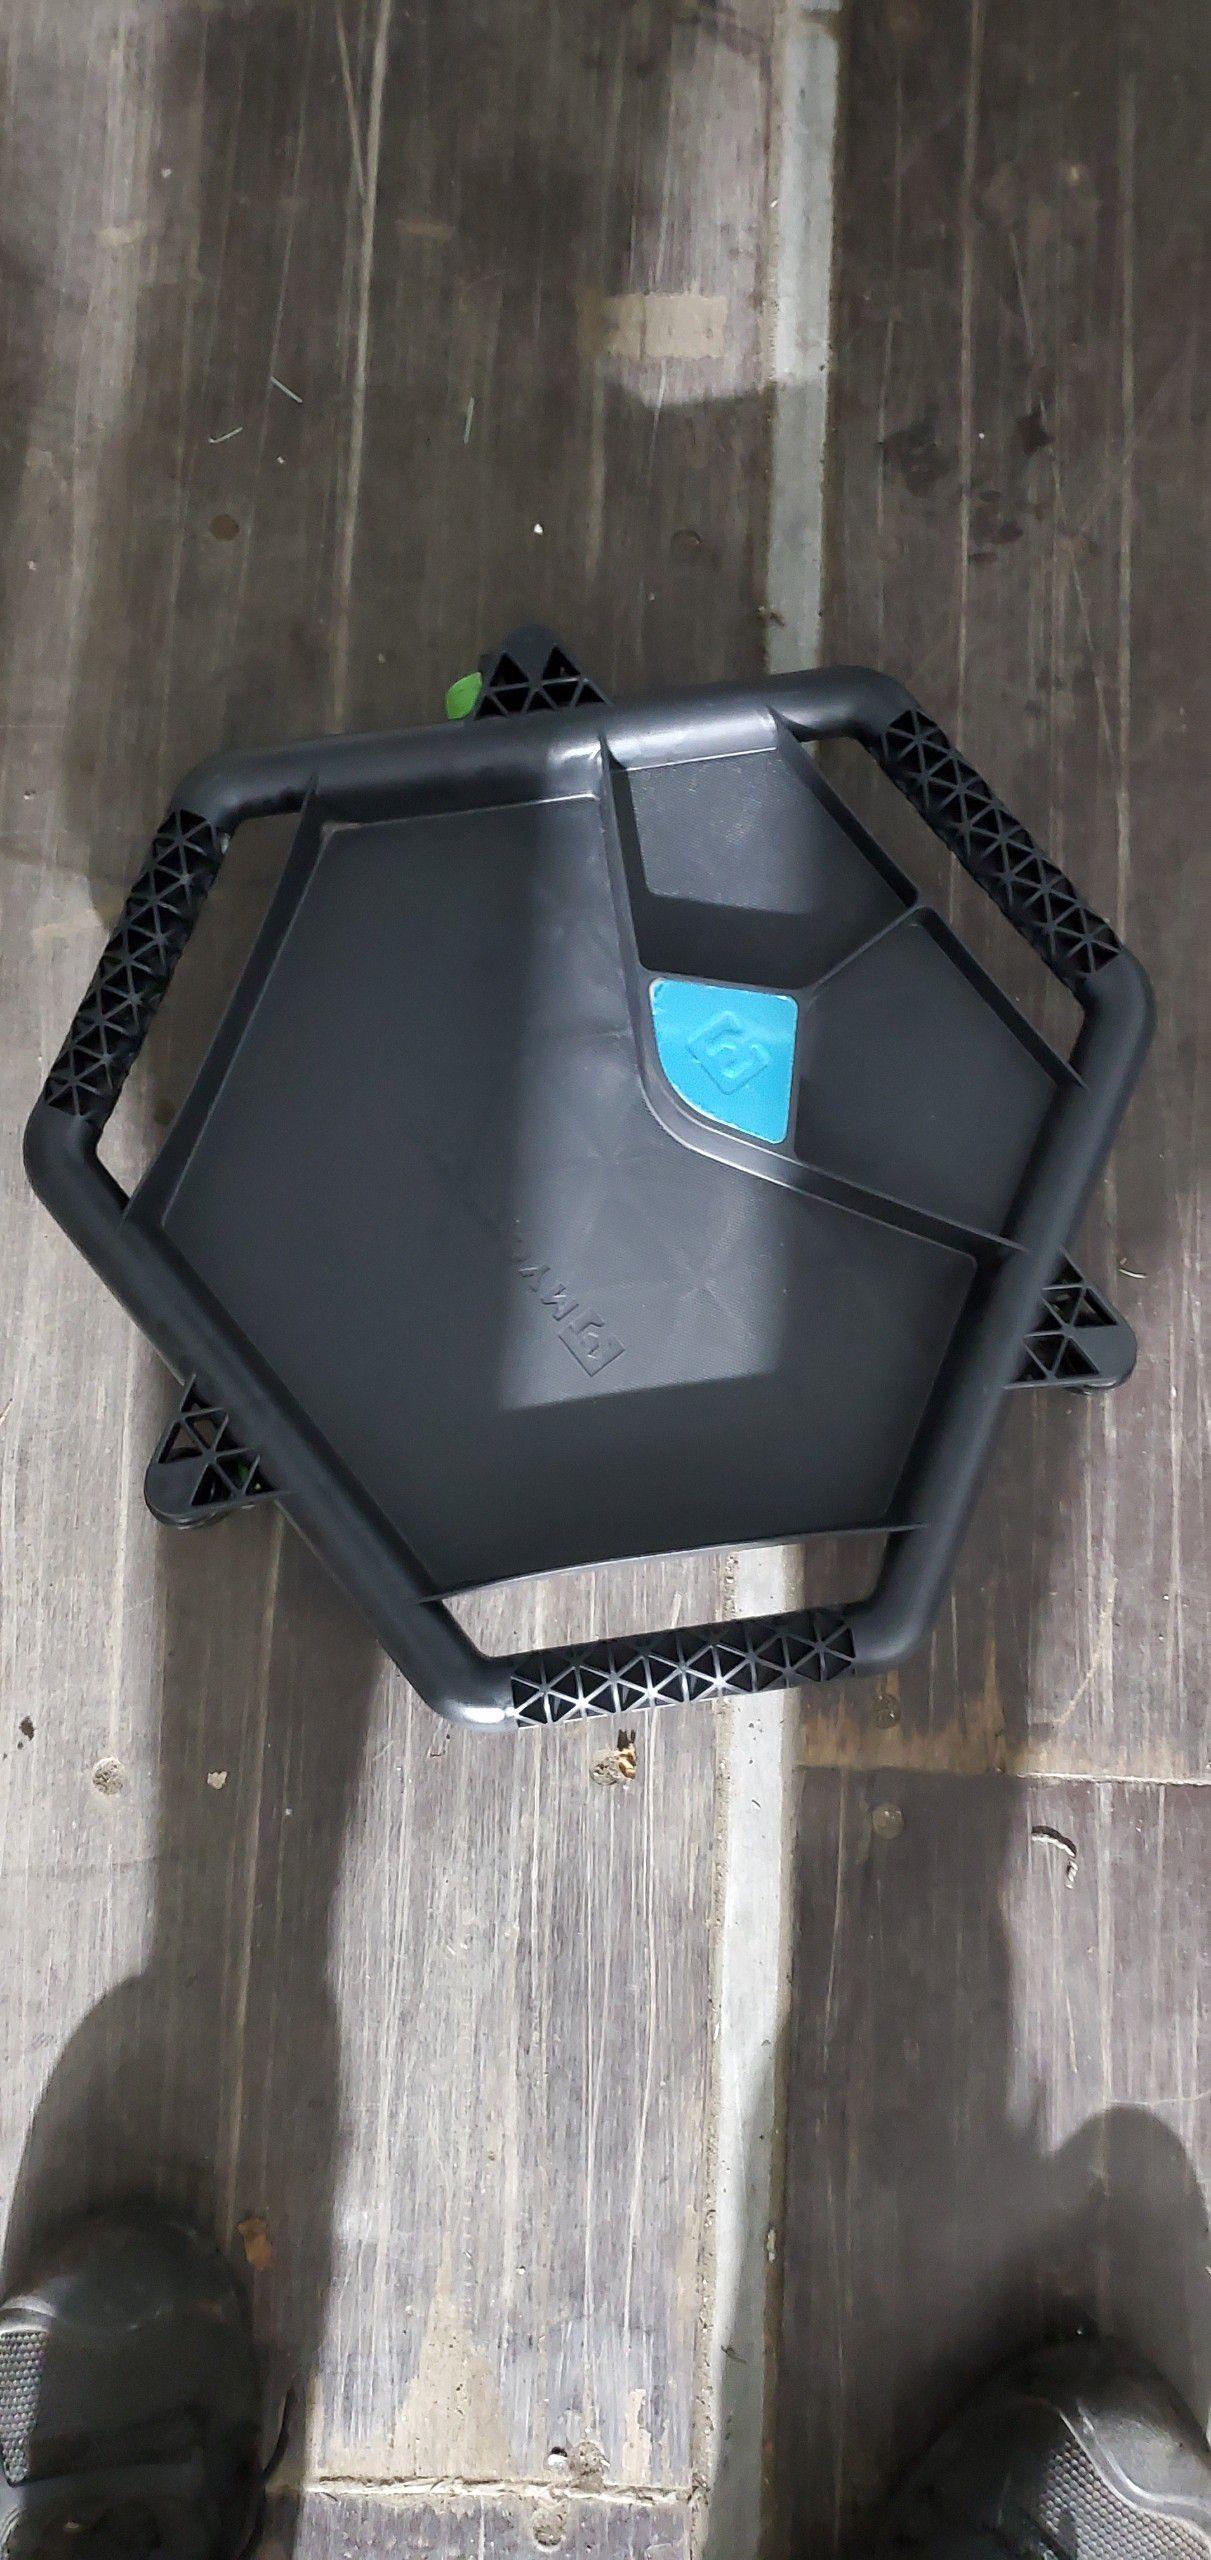 Tool holder on wheels